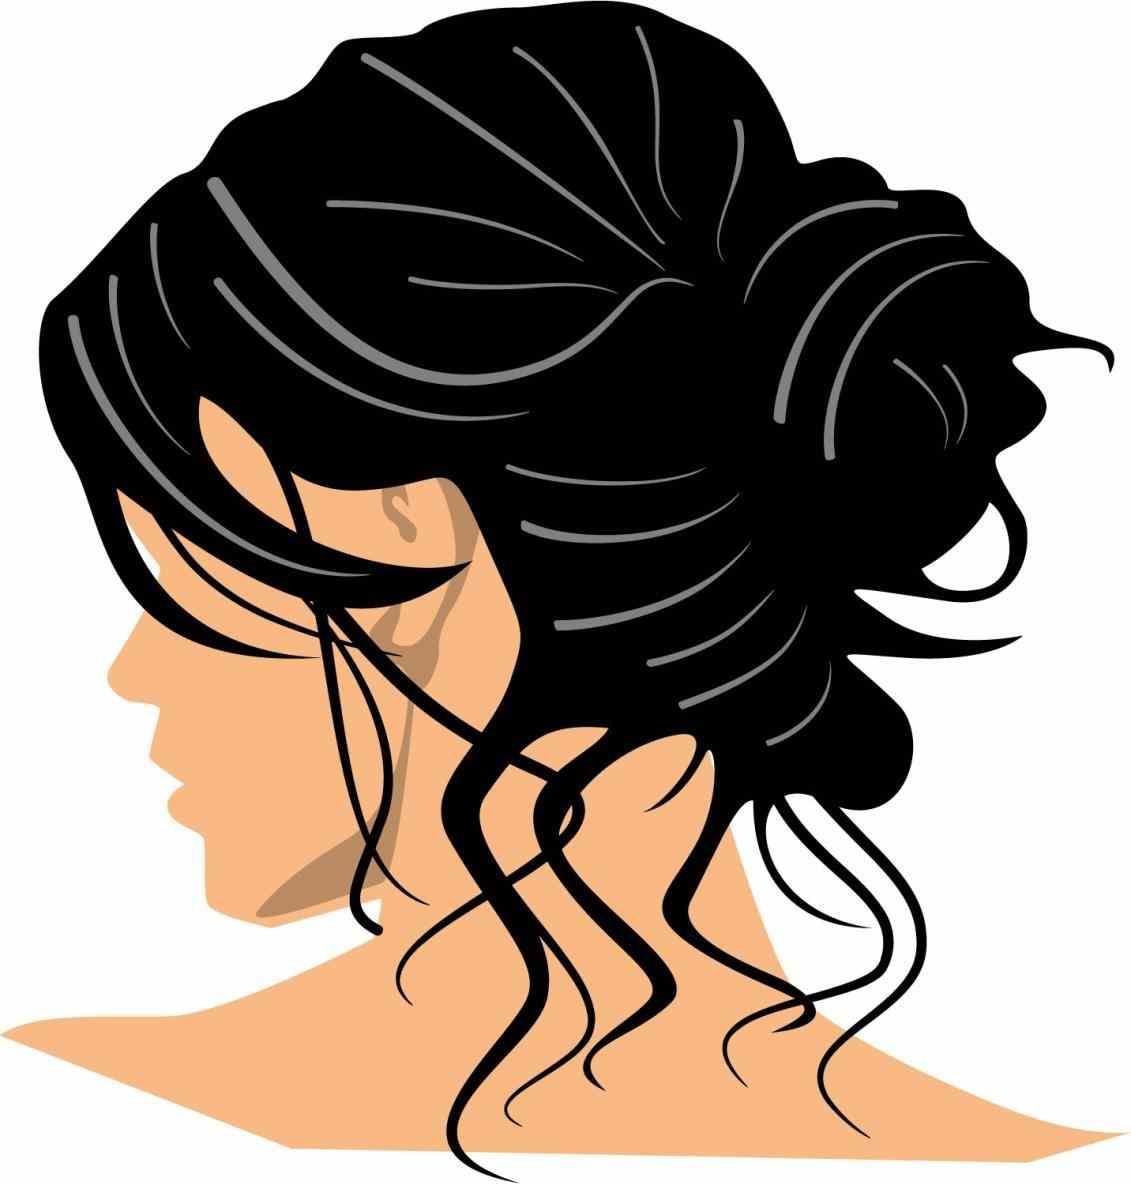 1131x1185 Download Clip Art Parlour Beauty Salon Clipart Transparent